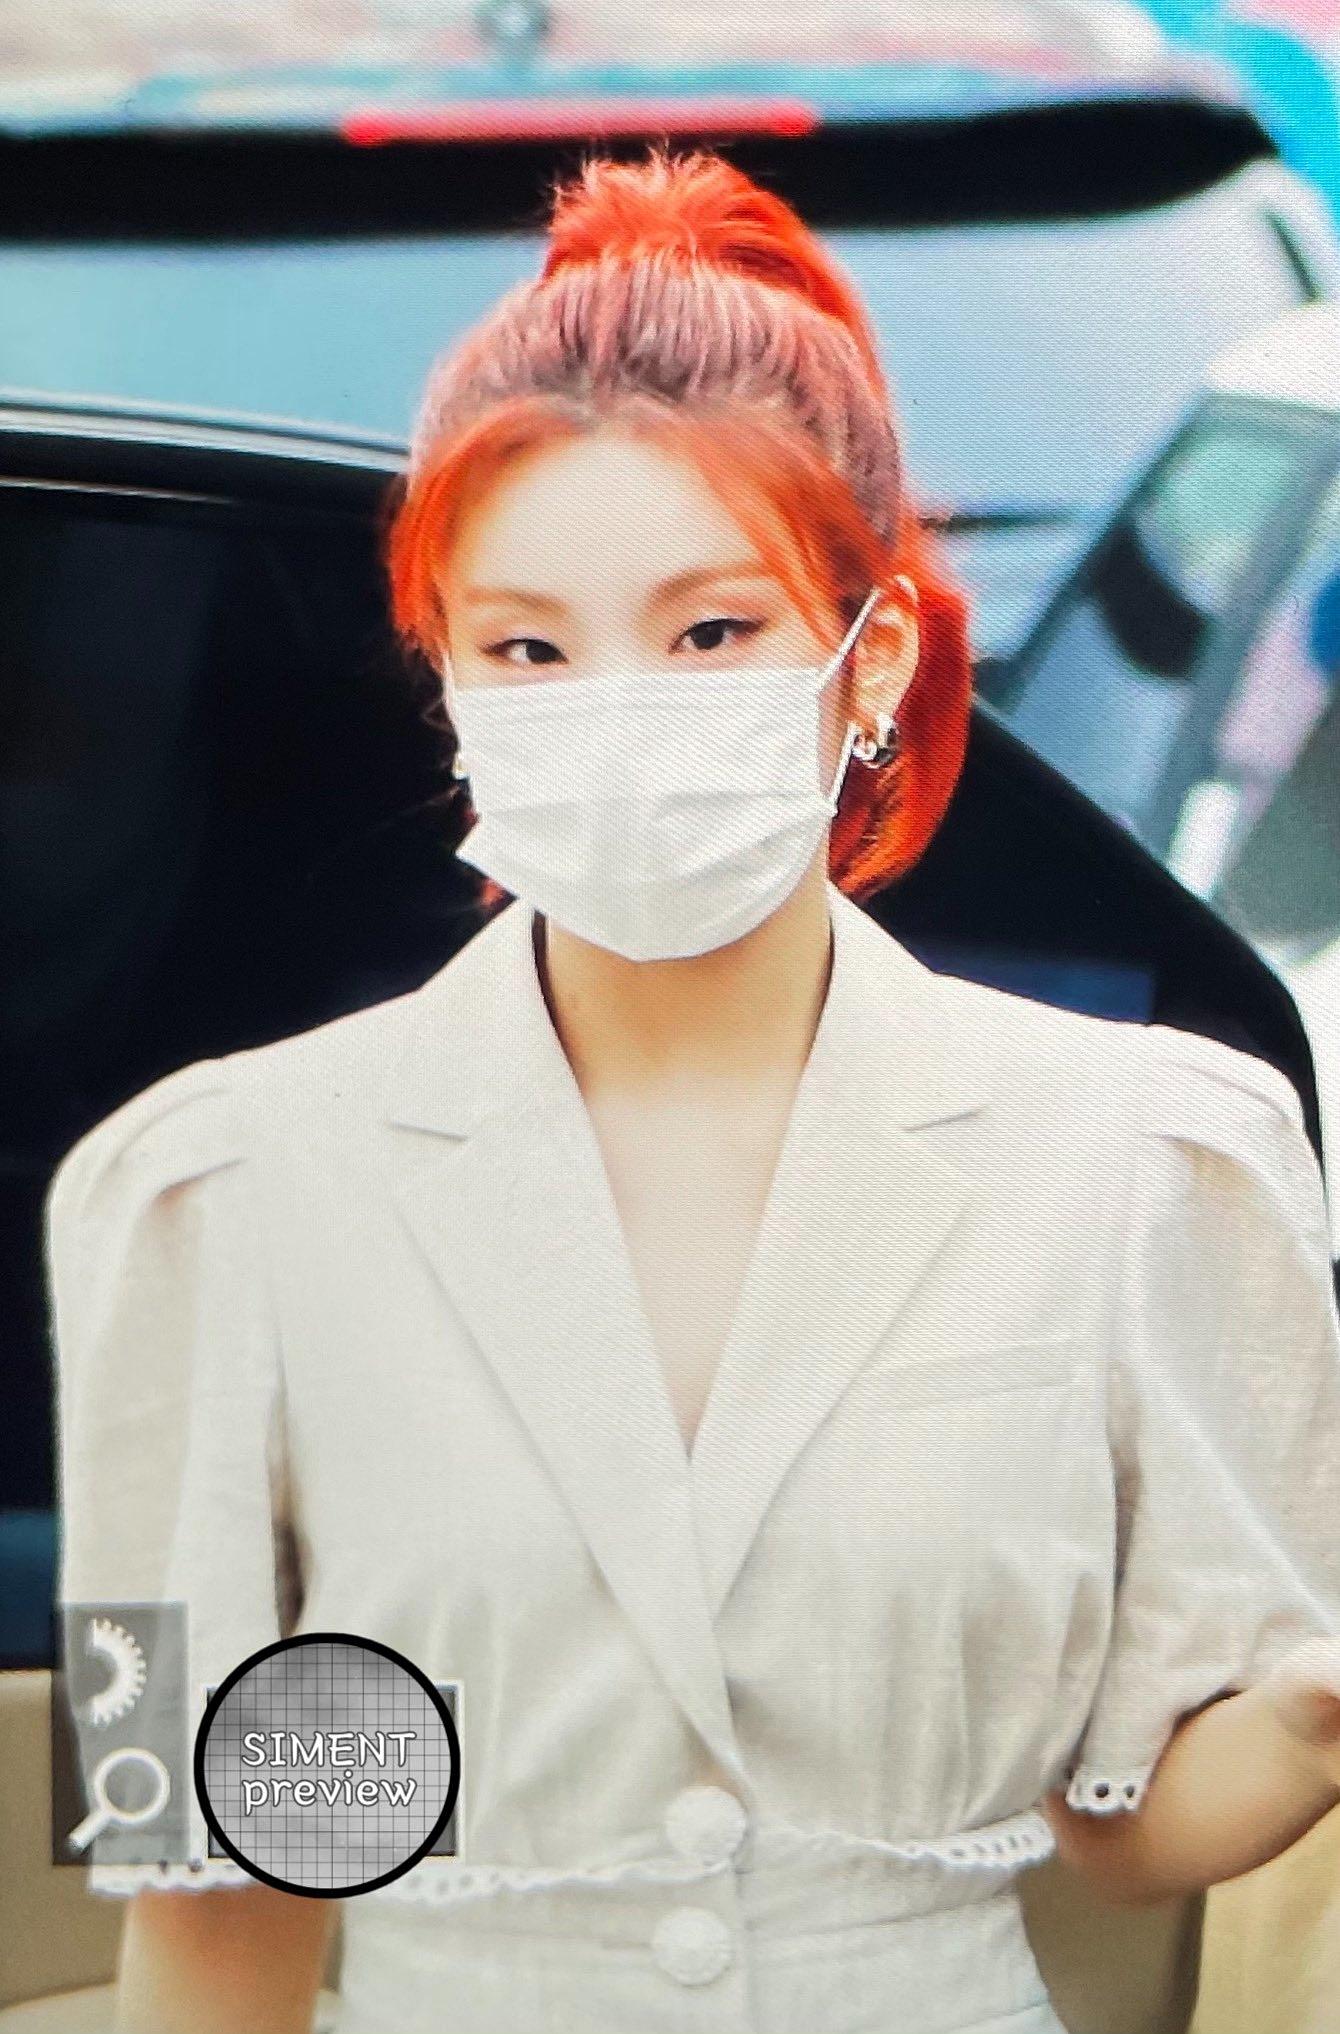 ITZY đi làm: Ryu Jin đỉnh của chóp, Yuna lại bị chê style bà bầu - 18